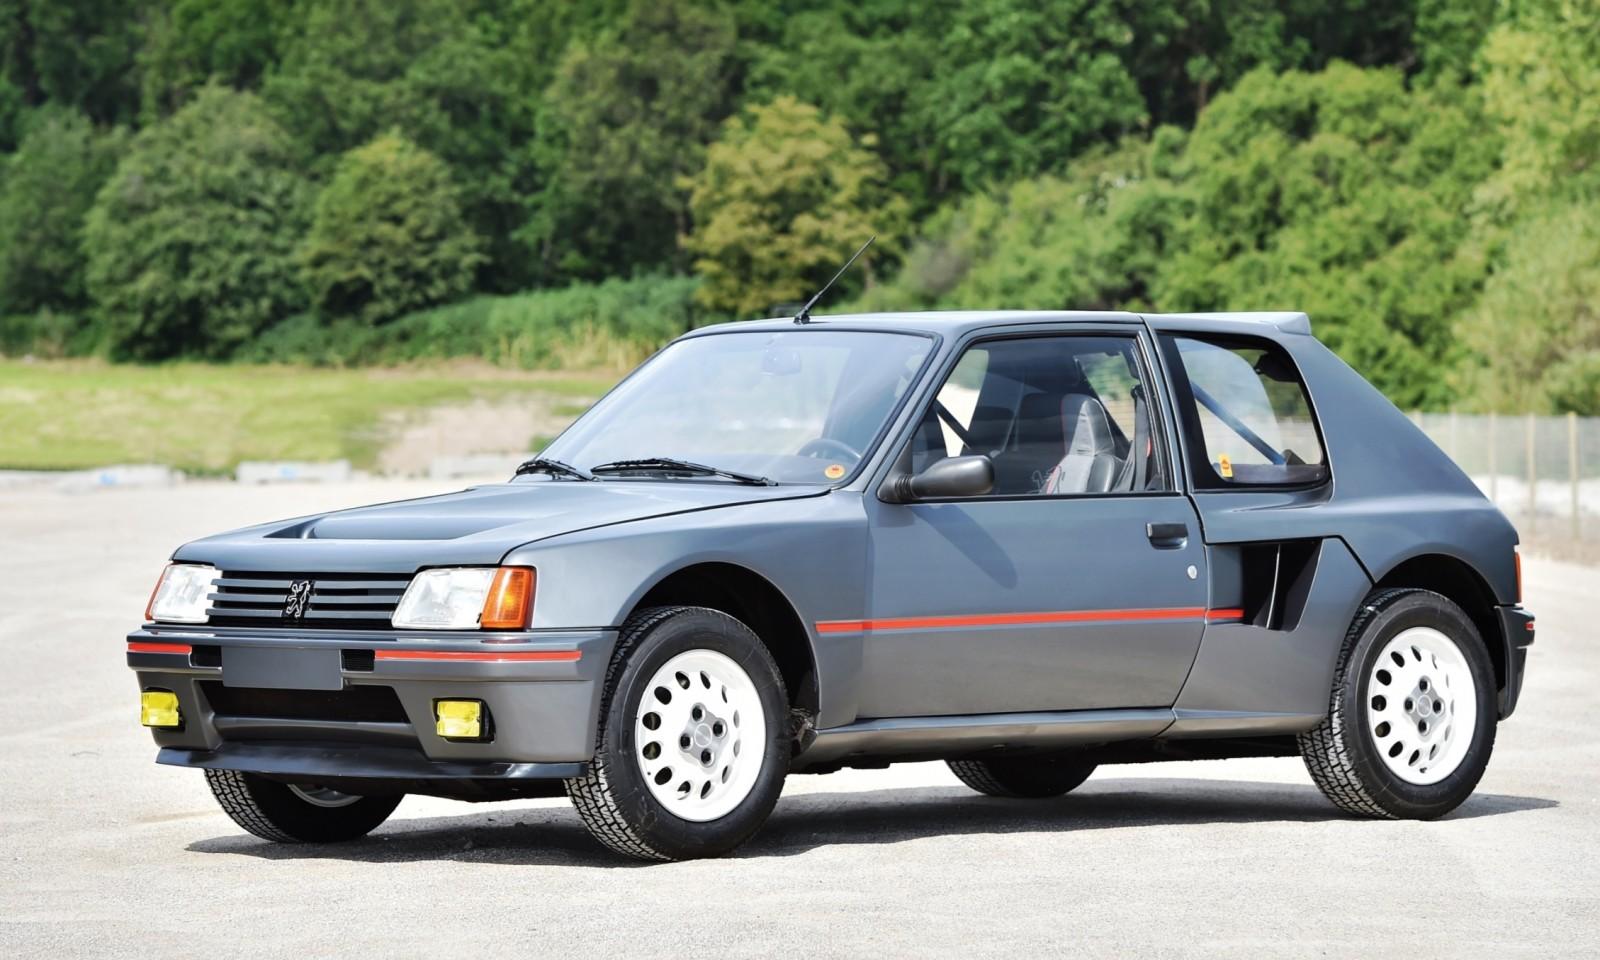 1984 Peugeot 205 Turbo 16 1